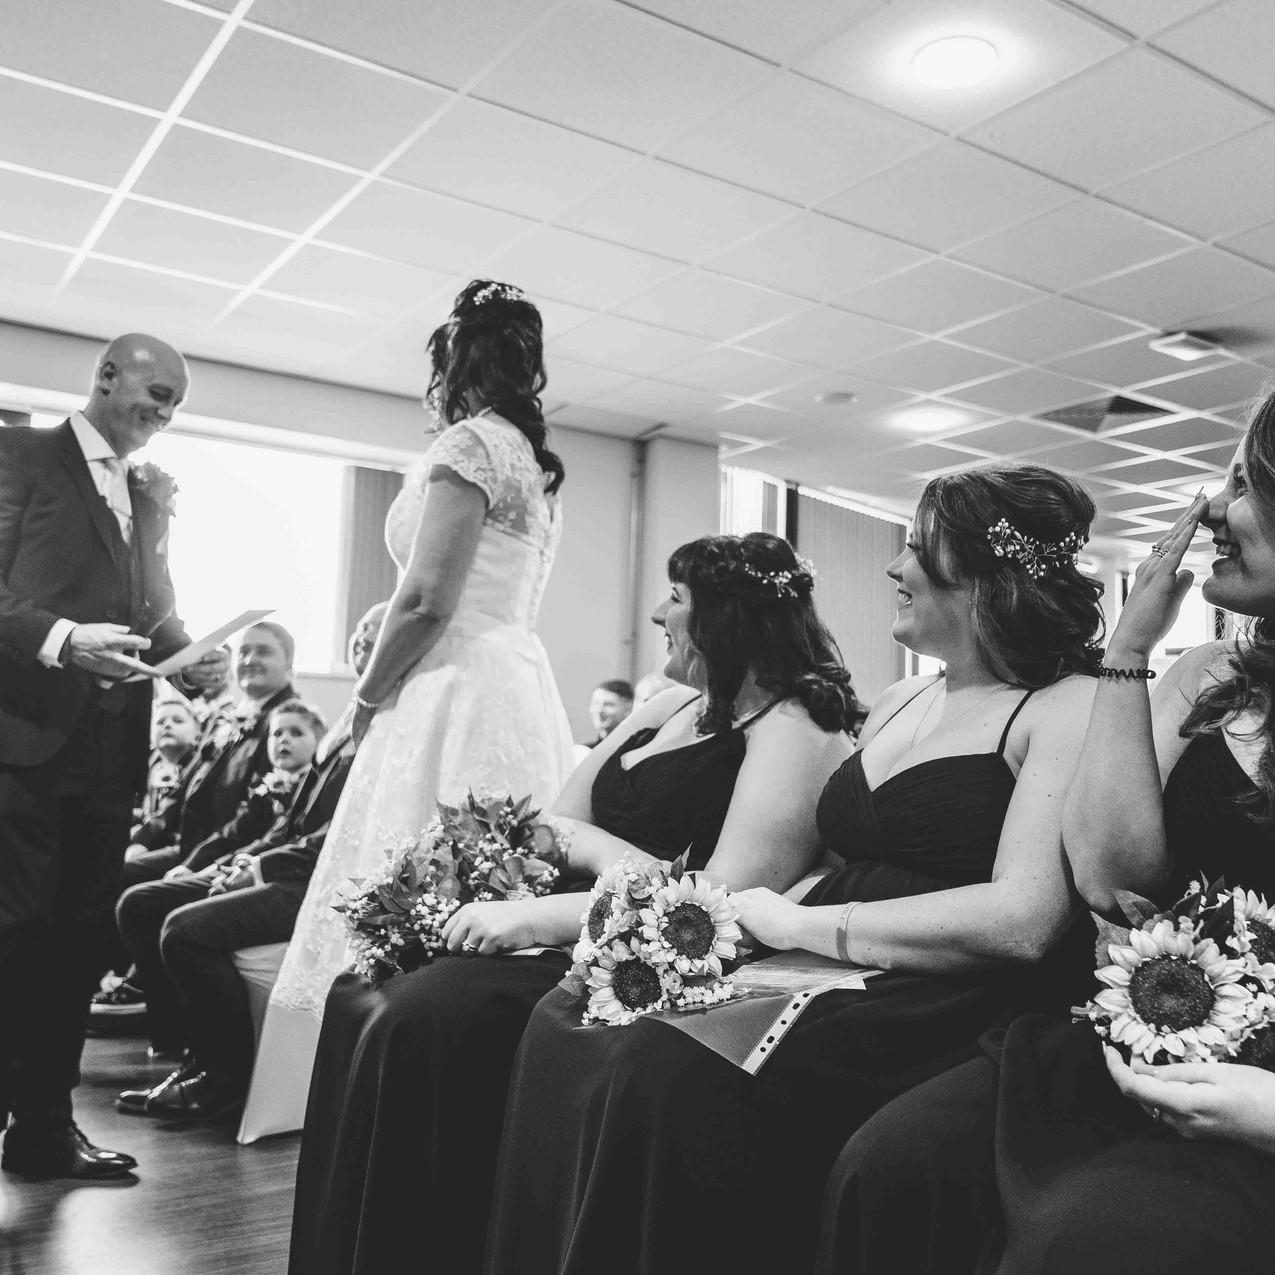 Emotional ceremony photos